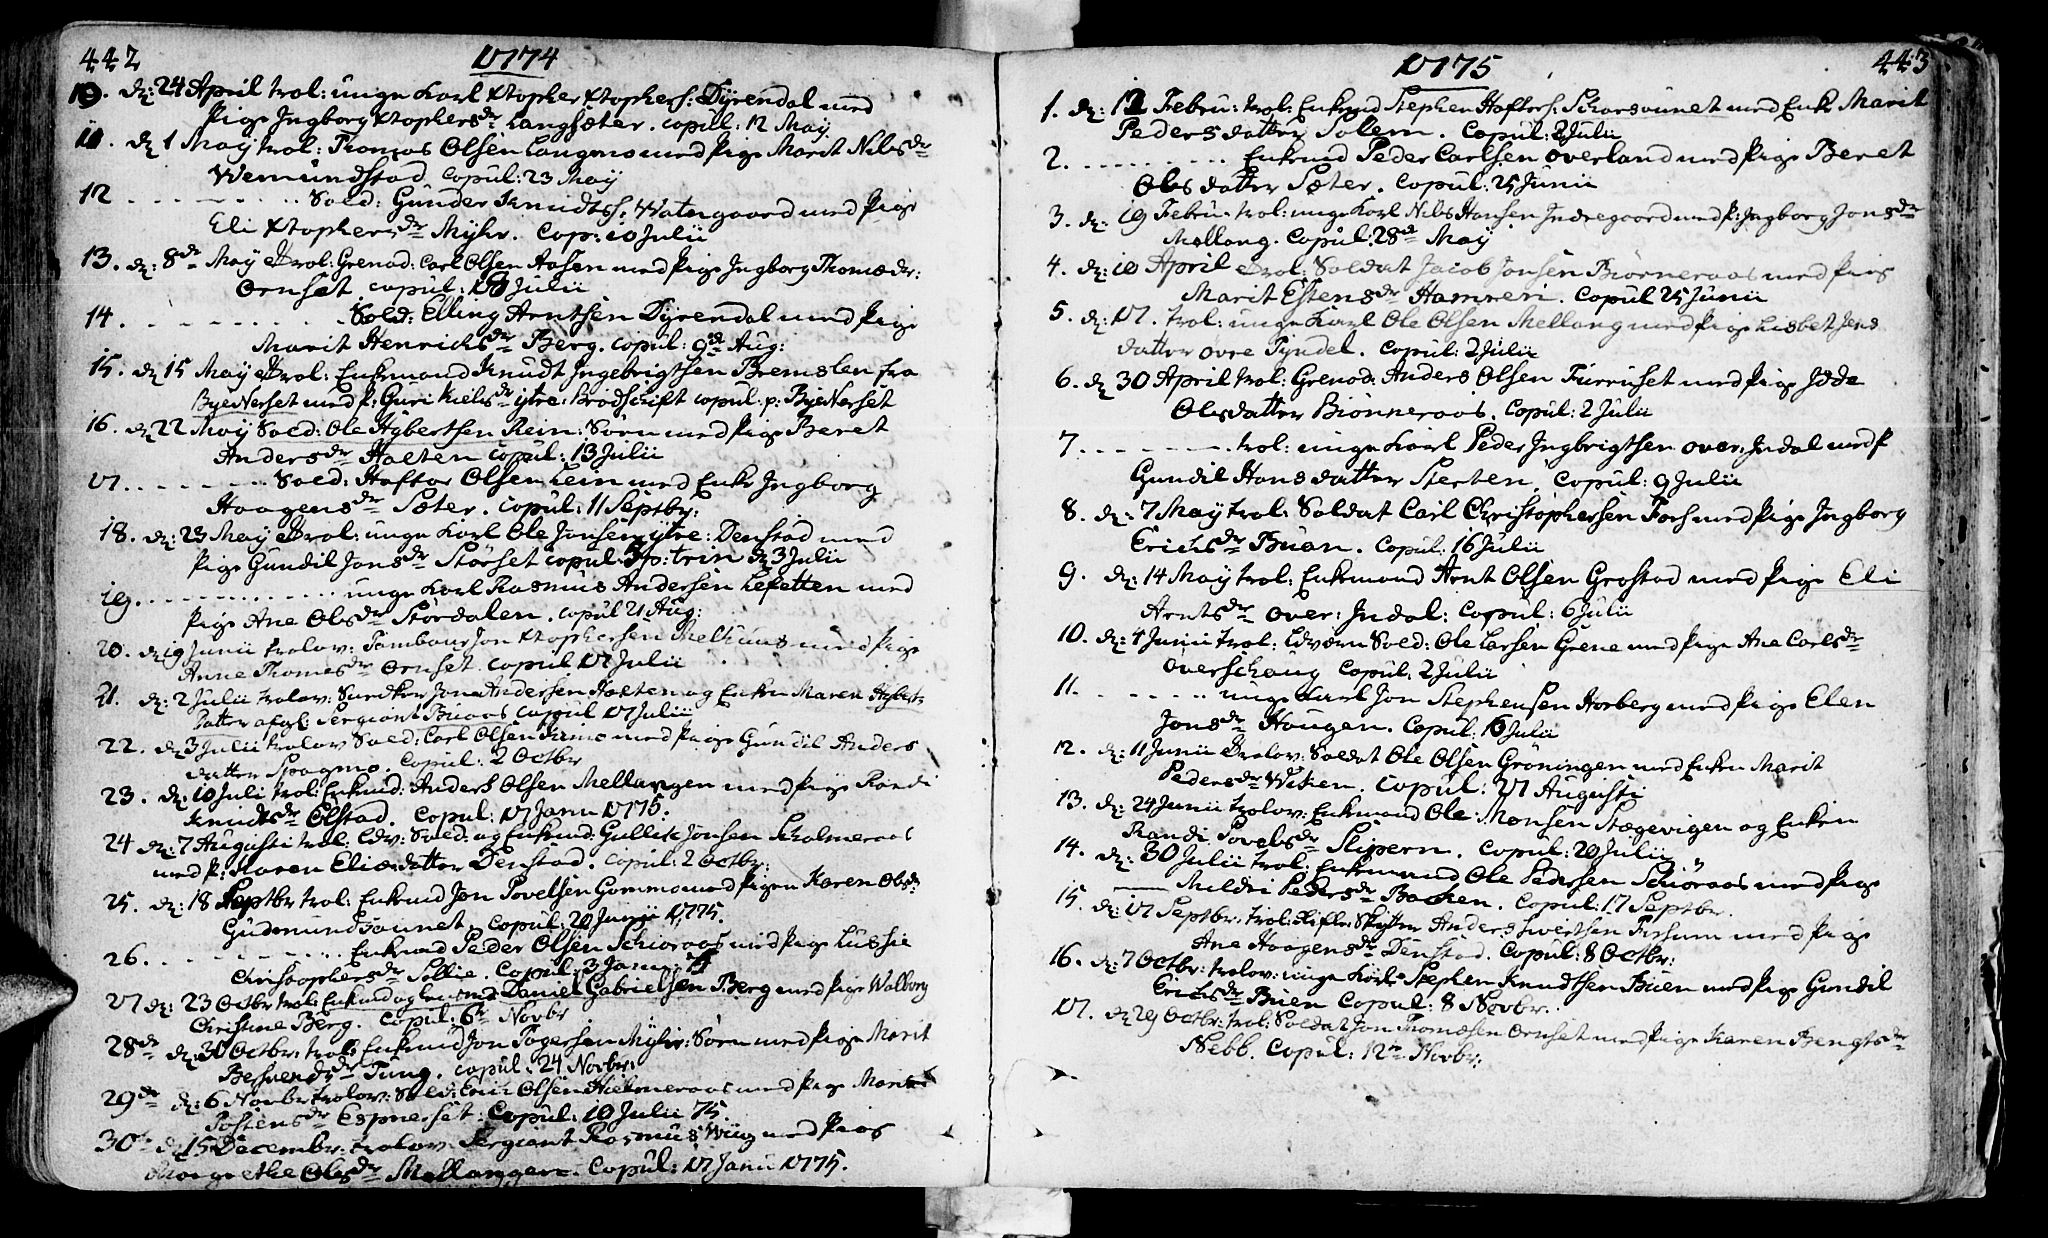 SAT, Ministerialprotokoller, klokkerbøker og fødselsregistre - Sør-Trøndelag, 646/L0605: Ministerialbok nr. 646A03, 1751-1790, s. 442-443